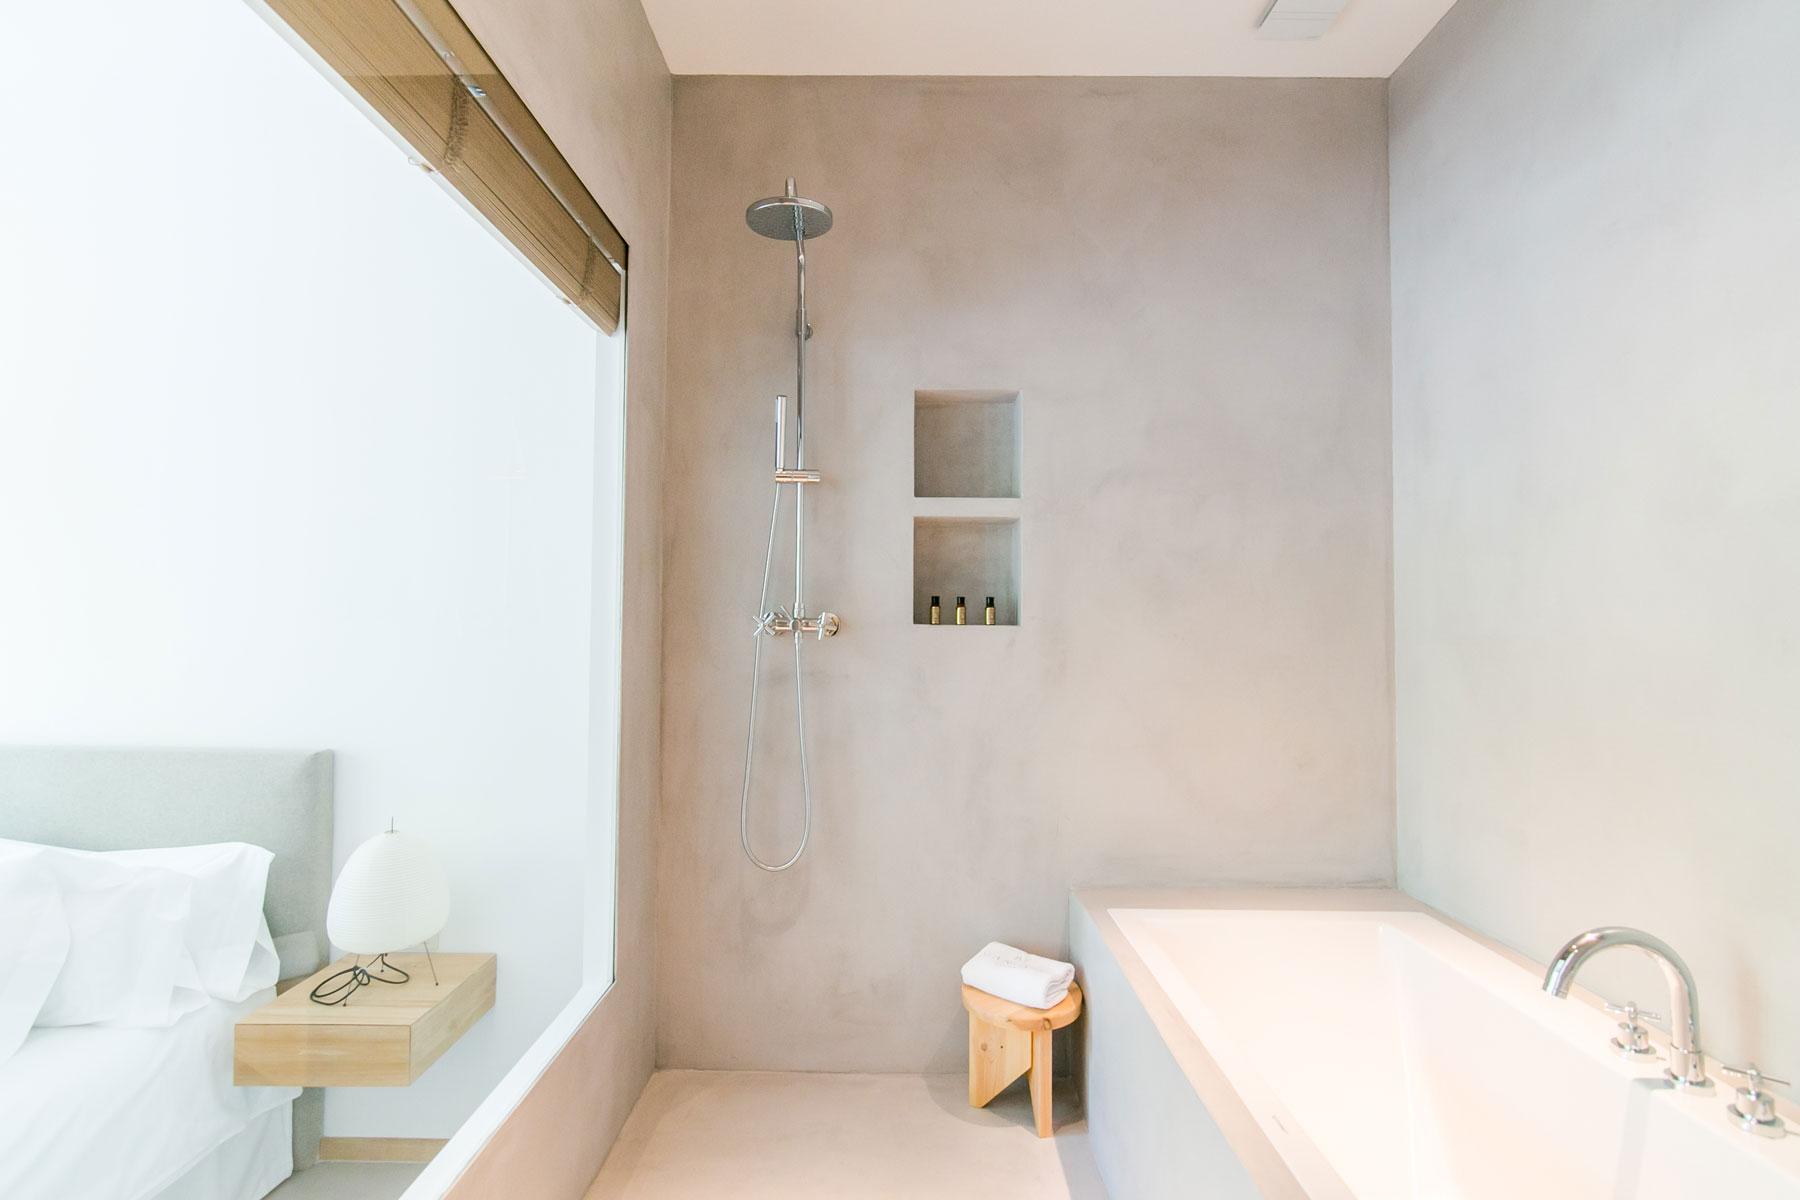 Mooie badkamer van margot house uit barcelona homease - Mooie badkamers ...